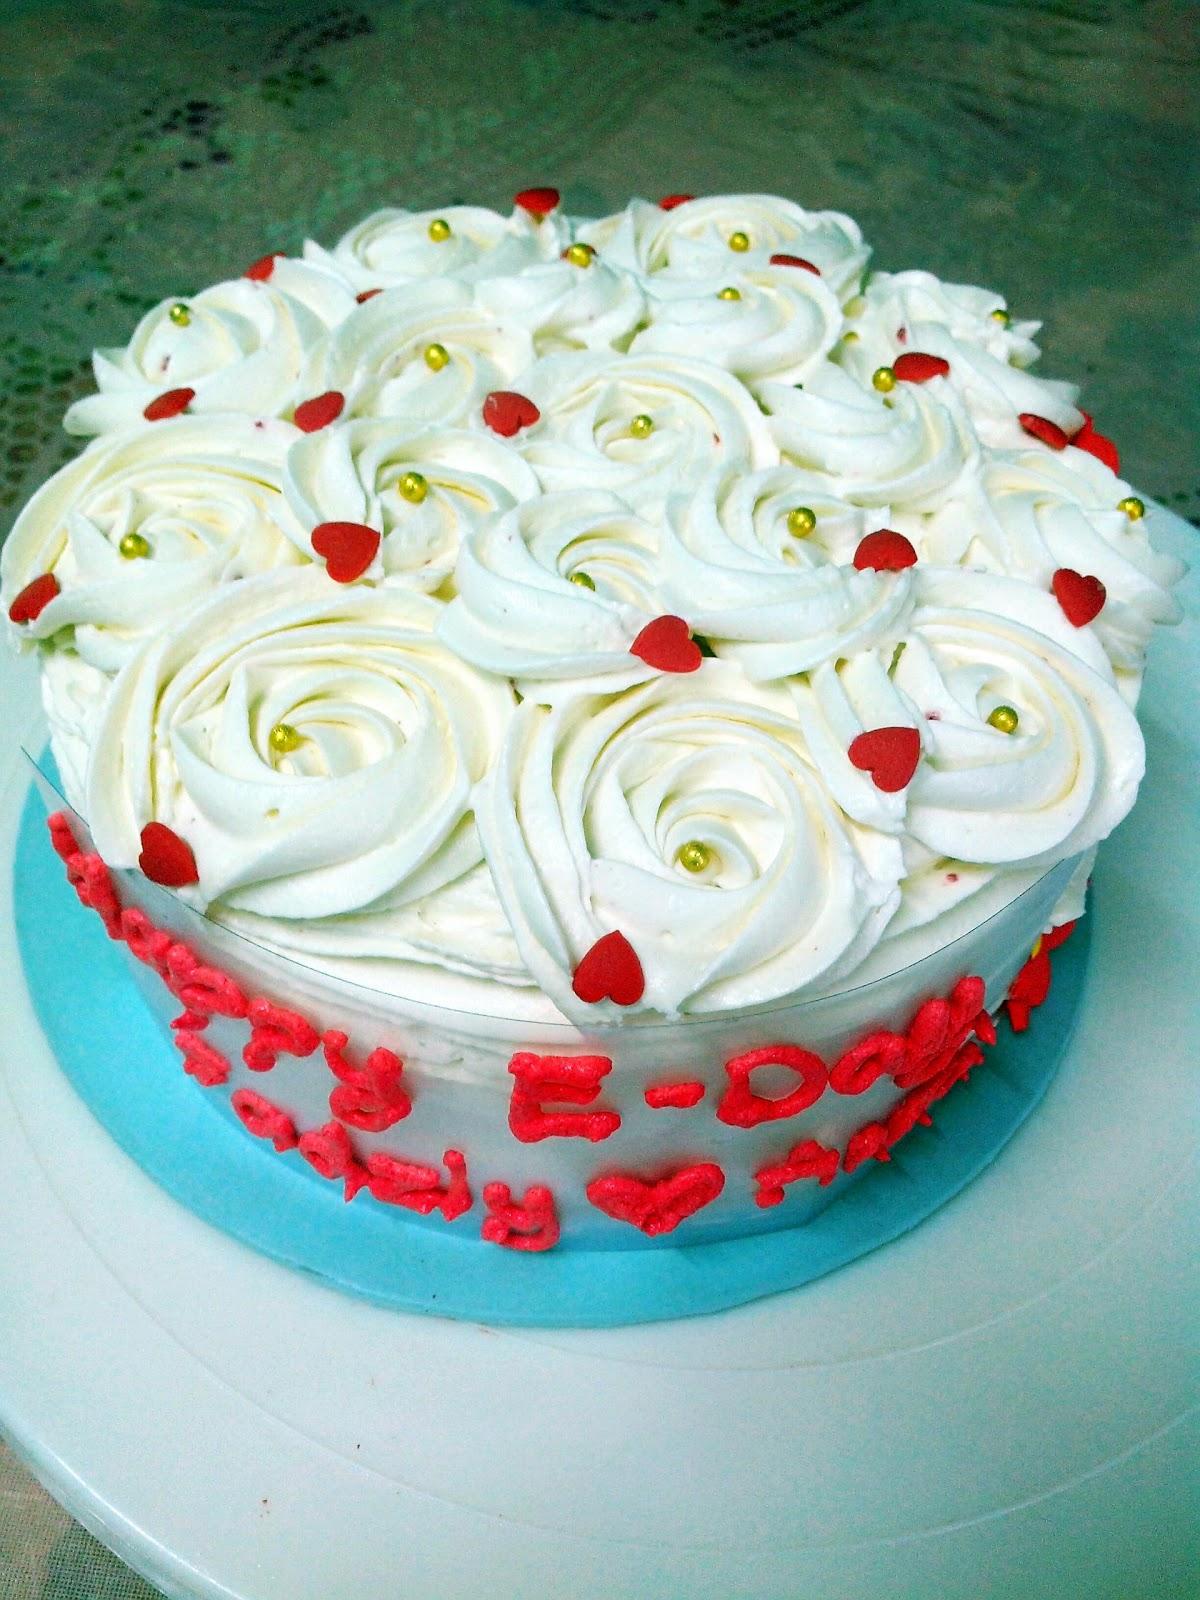 Red Velvet Cake For E Day Kek Red Velvet Bertunang Kek